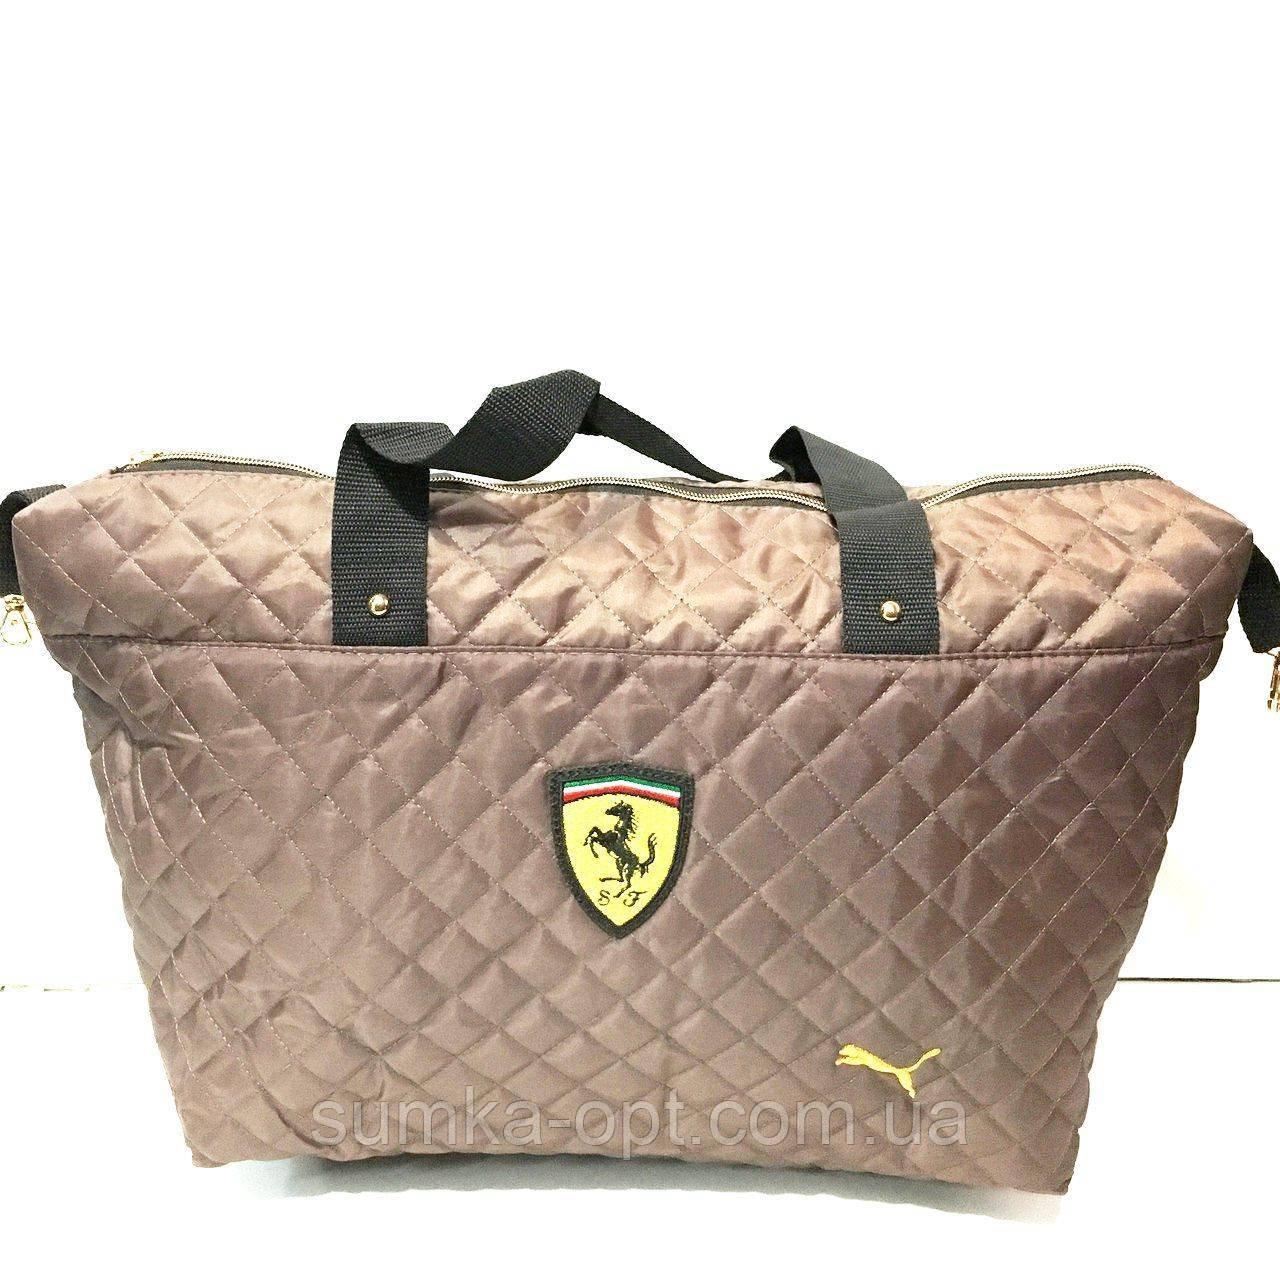 Брендовые сумки Ferrari стеганные (каштан)30*50см